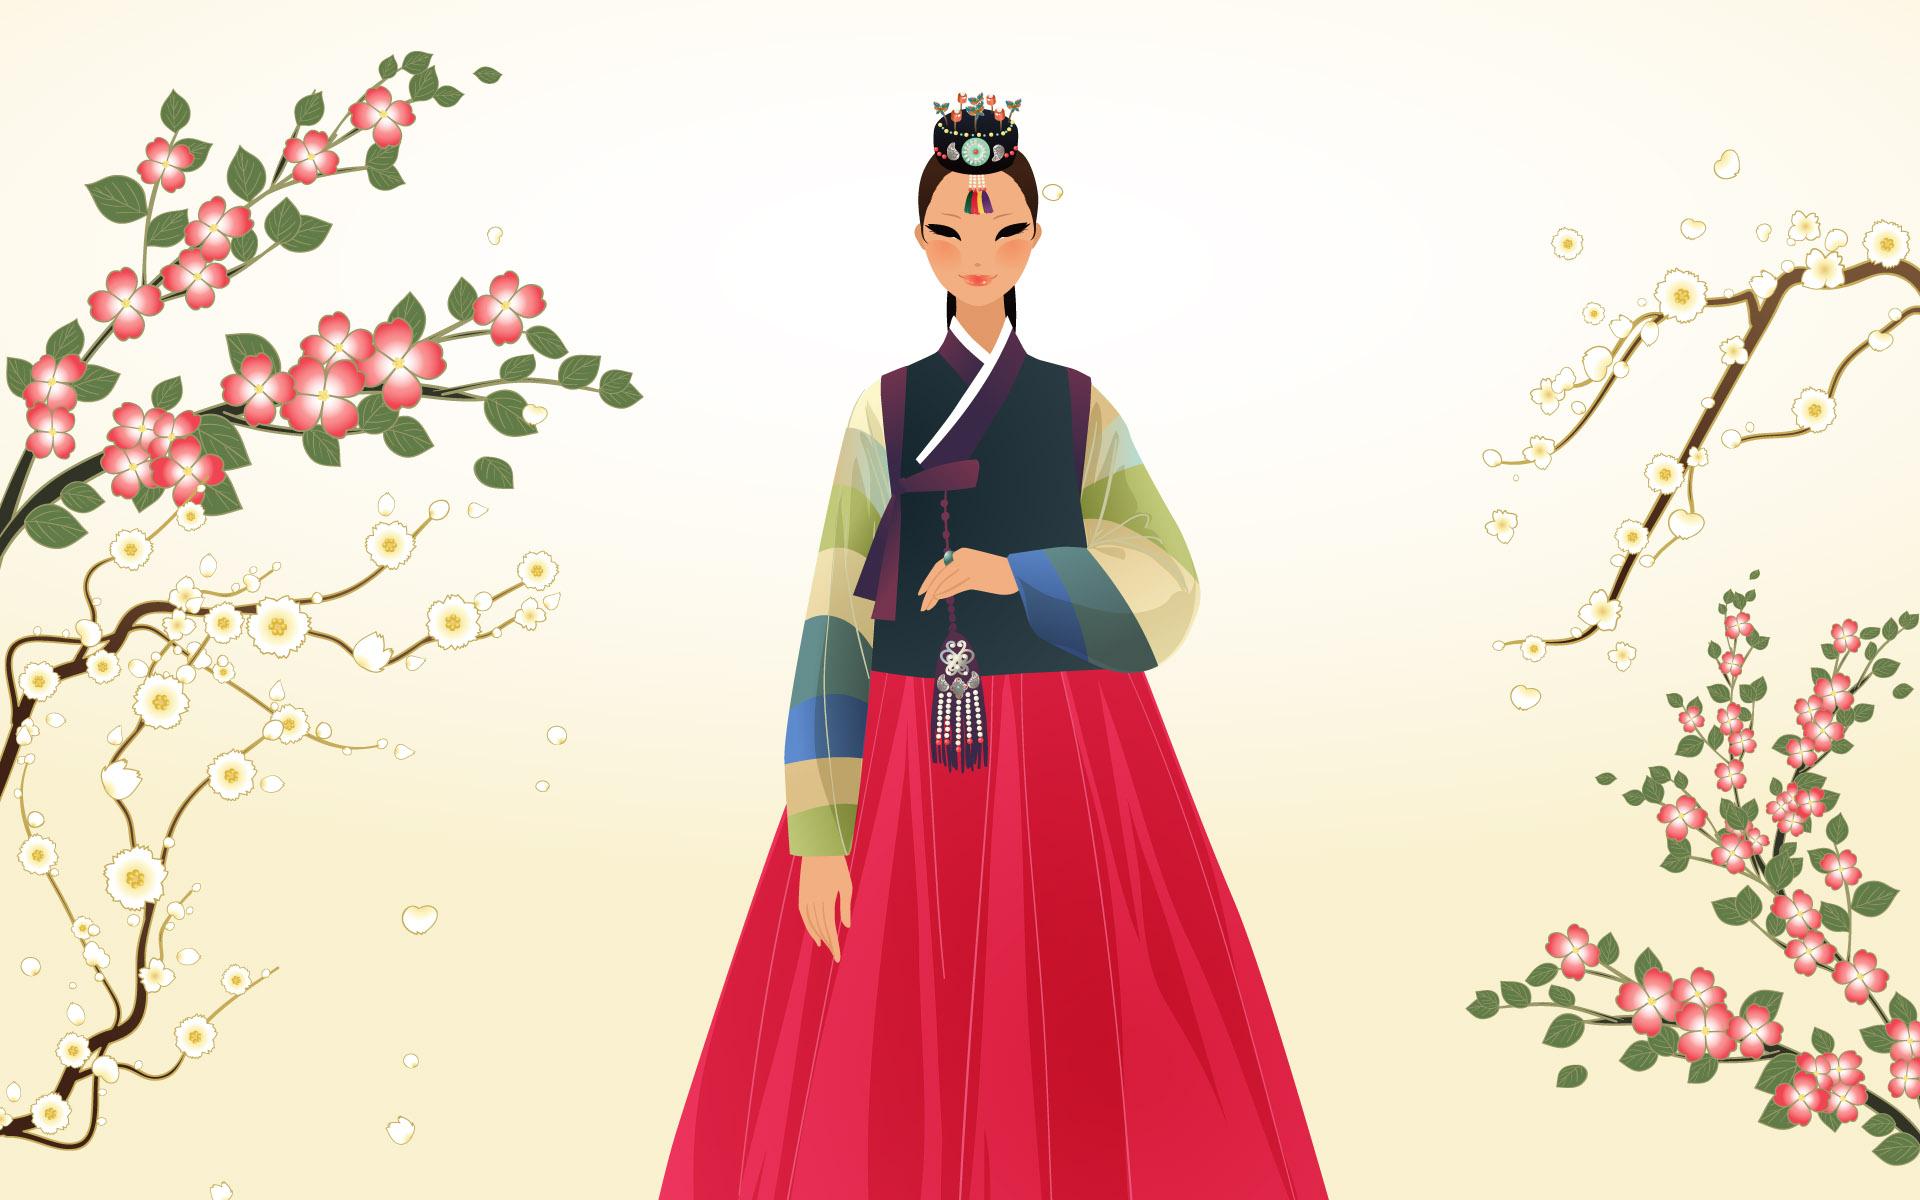 手绘朝鲜族插画金发(40P)[中国PhotoShop资源美女卡通美女图片